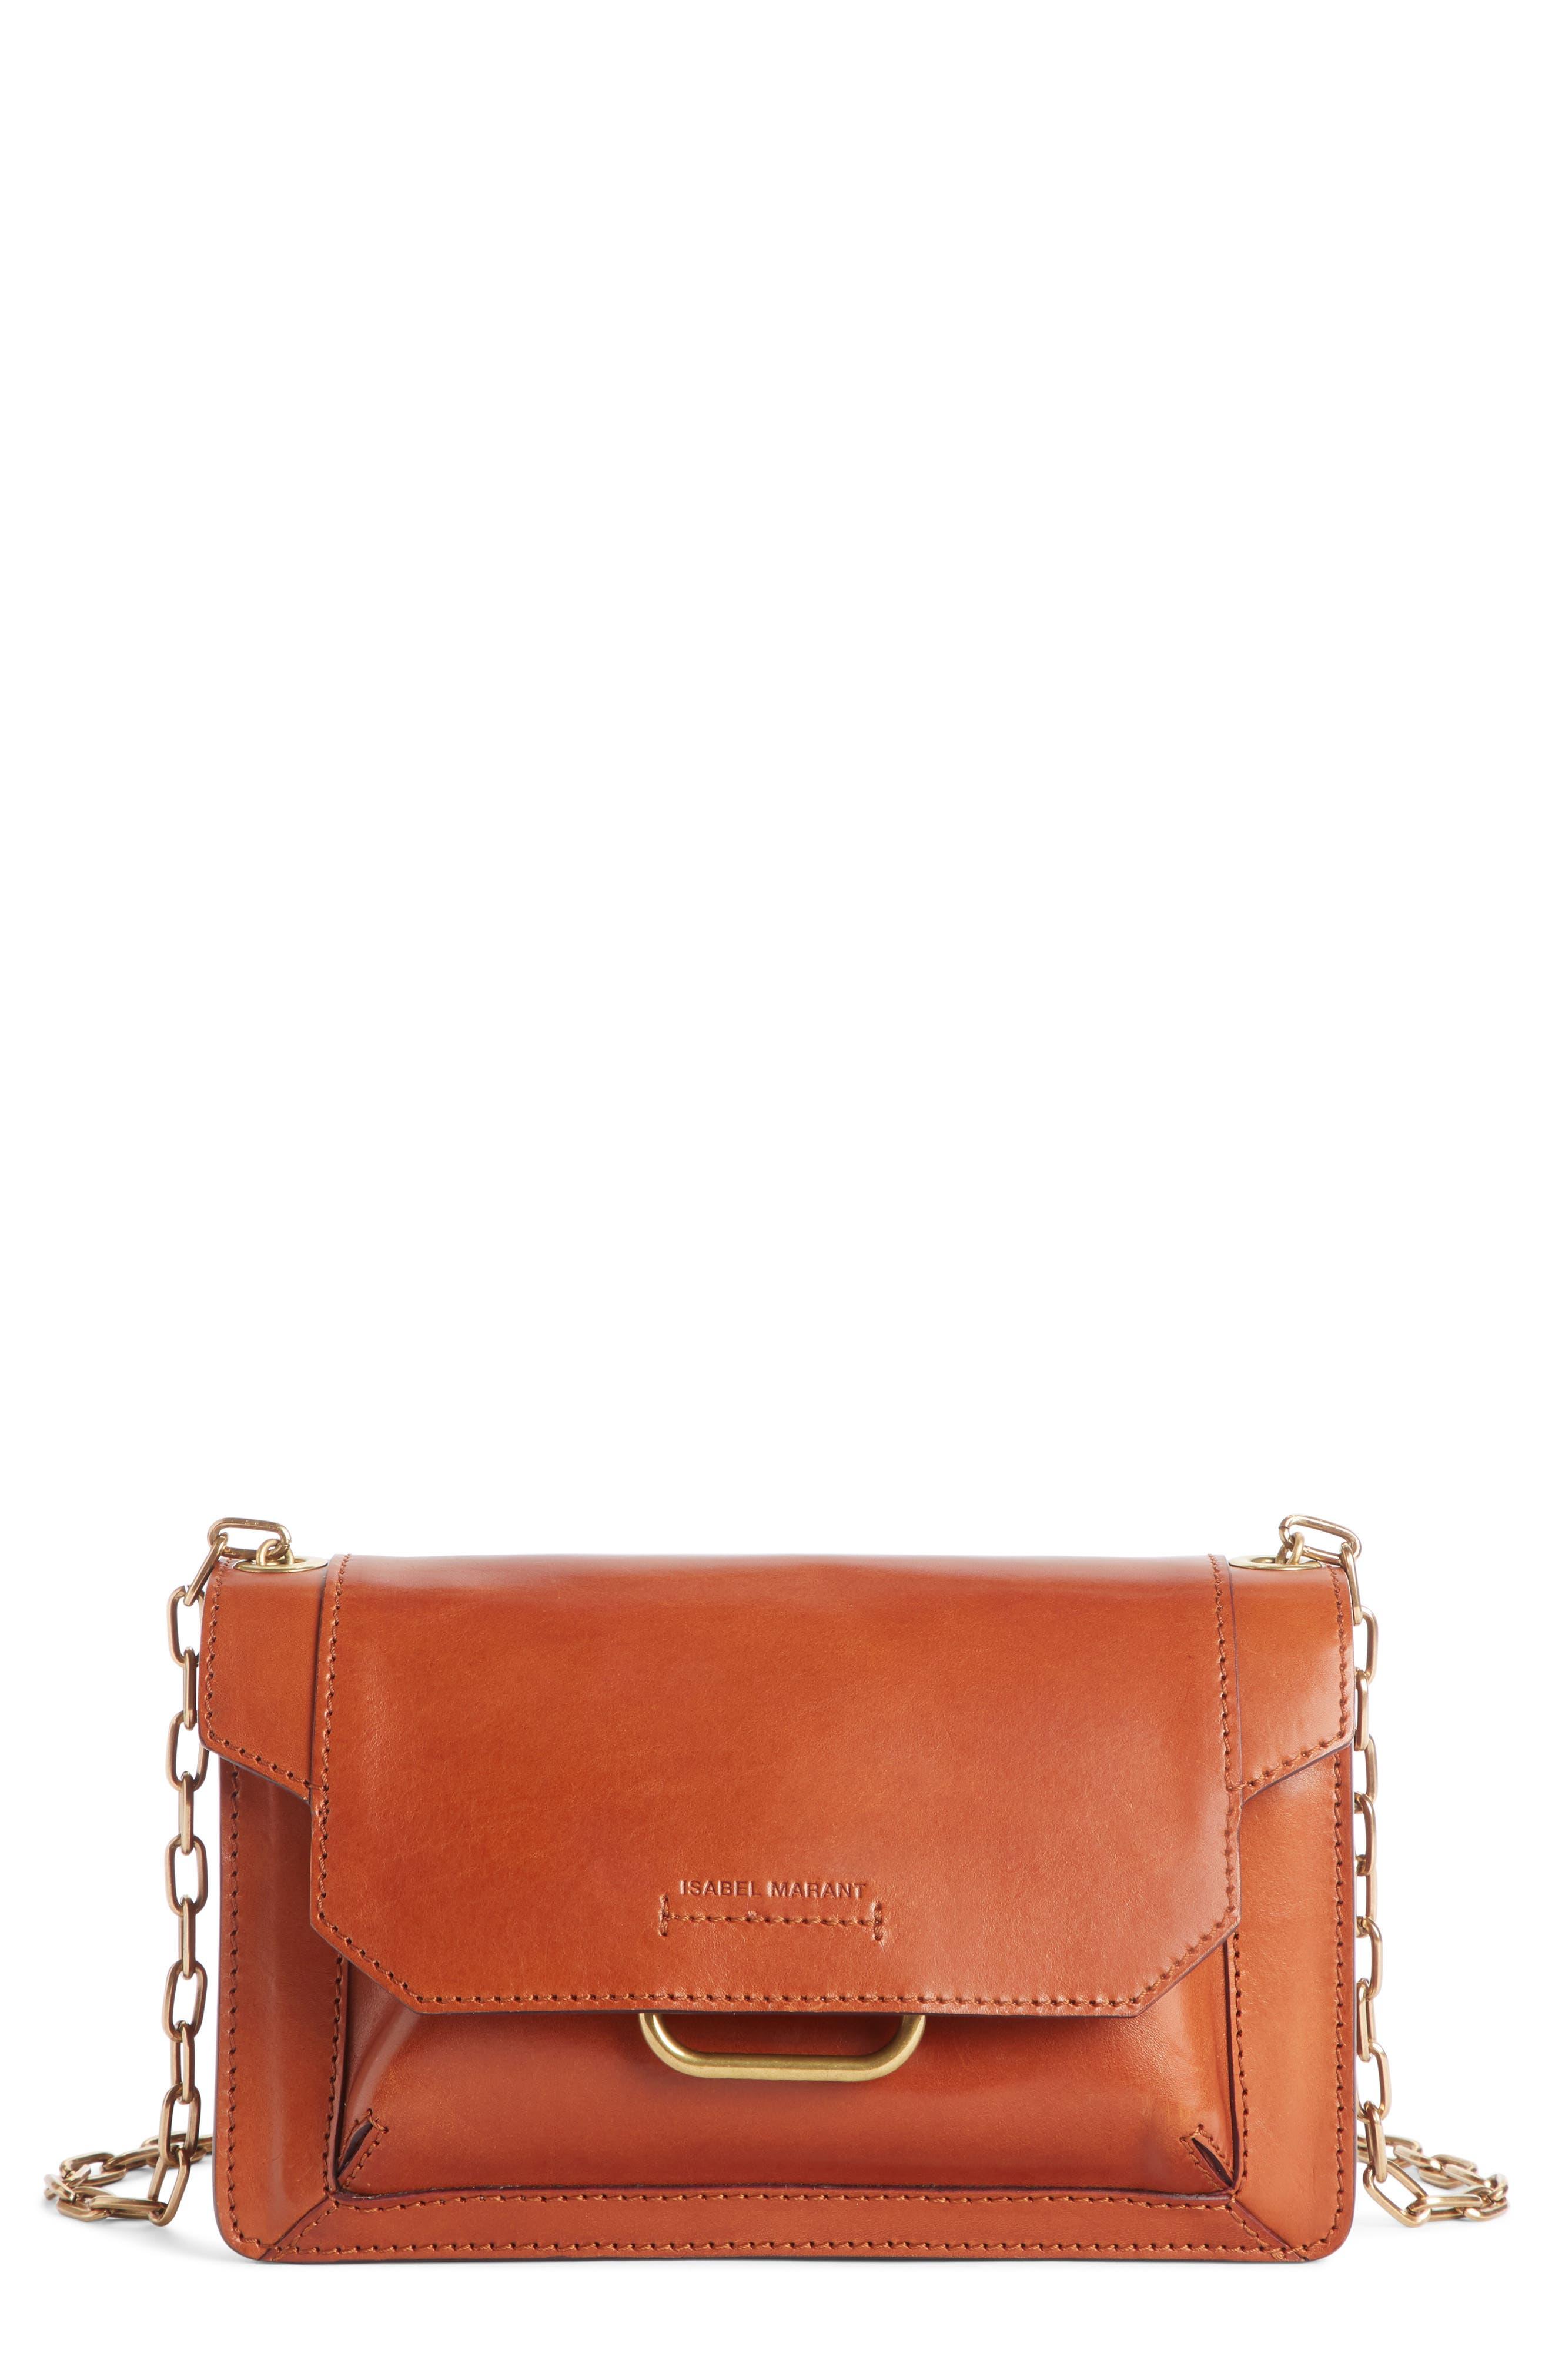 8e7ec5de1 Isabel Marant Handbags & Wallets for Women | Nordstrom